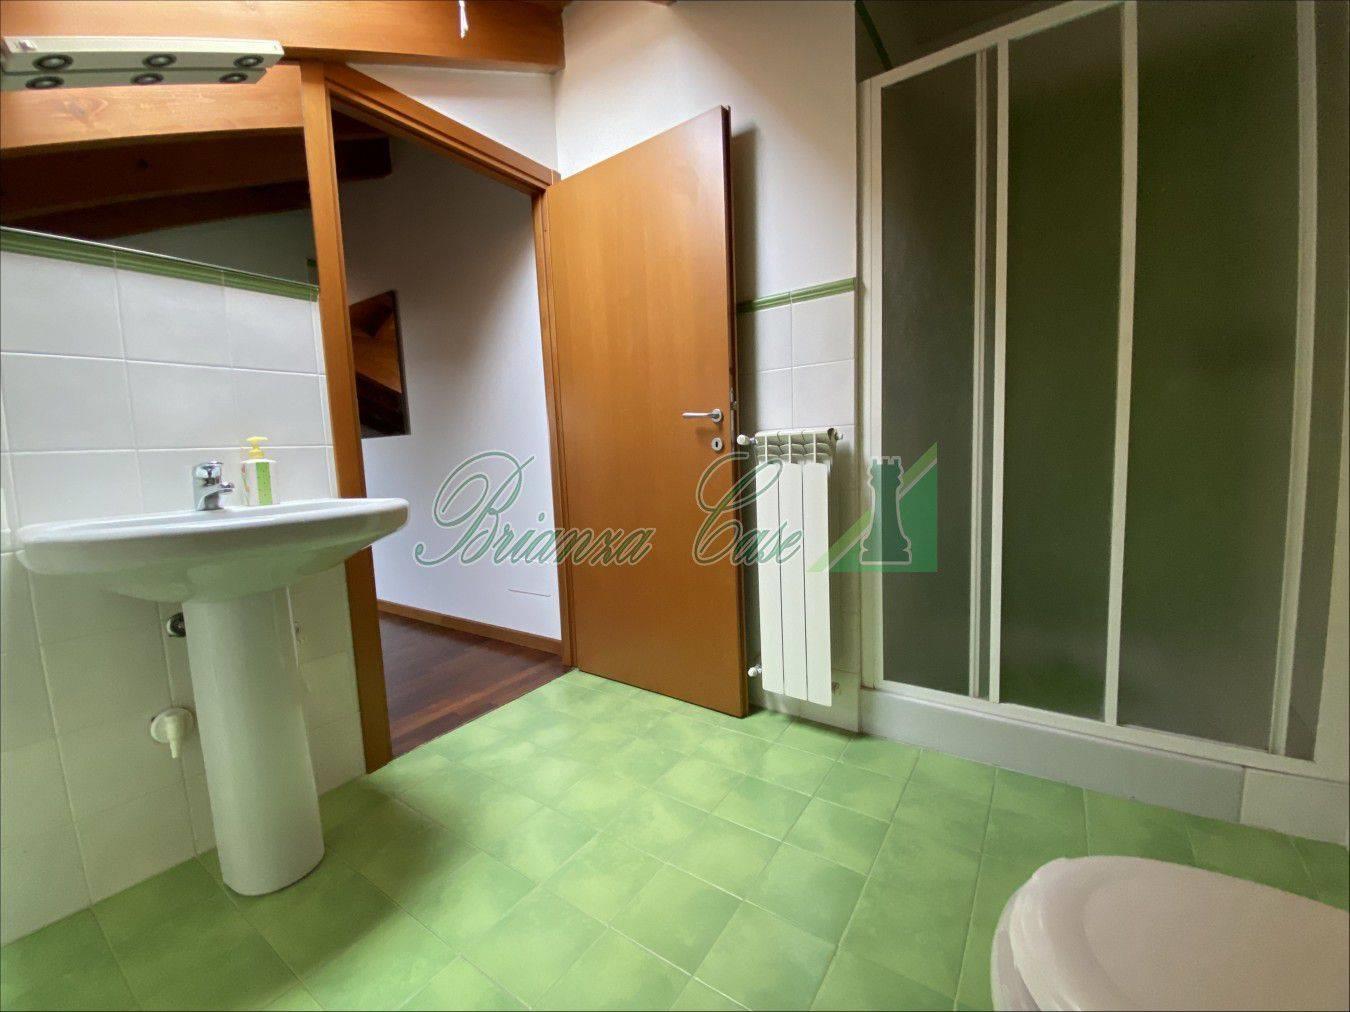 Foto 19 - Appartamento in Vendita - Arcore (Monza e Brianza)